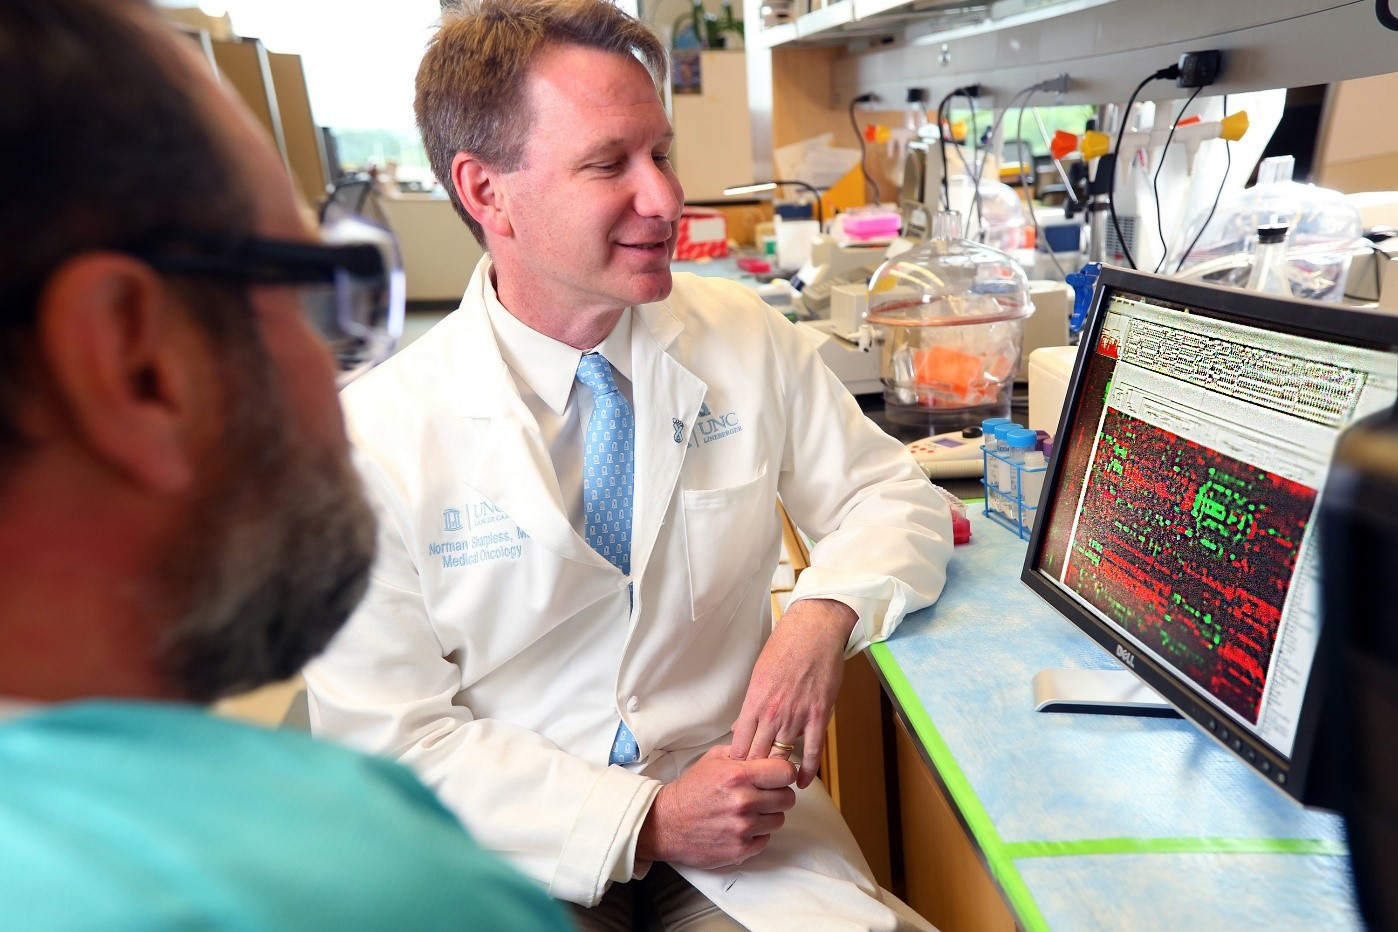 Когнитивная система Watson поможет врачам поставить точный диагноз пациентам с заболеваниями сердца - 2